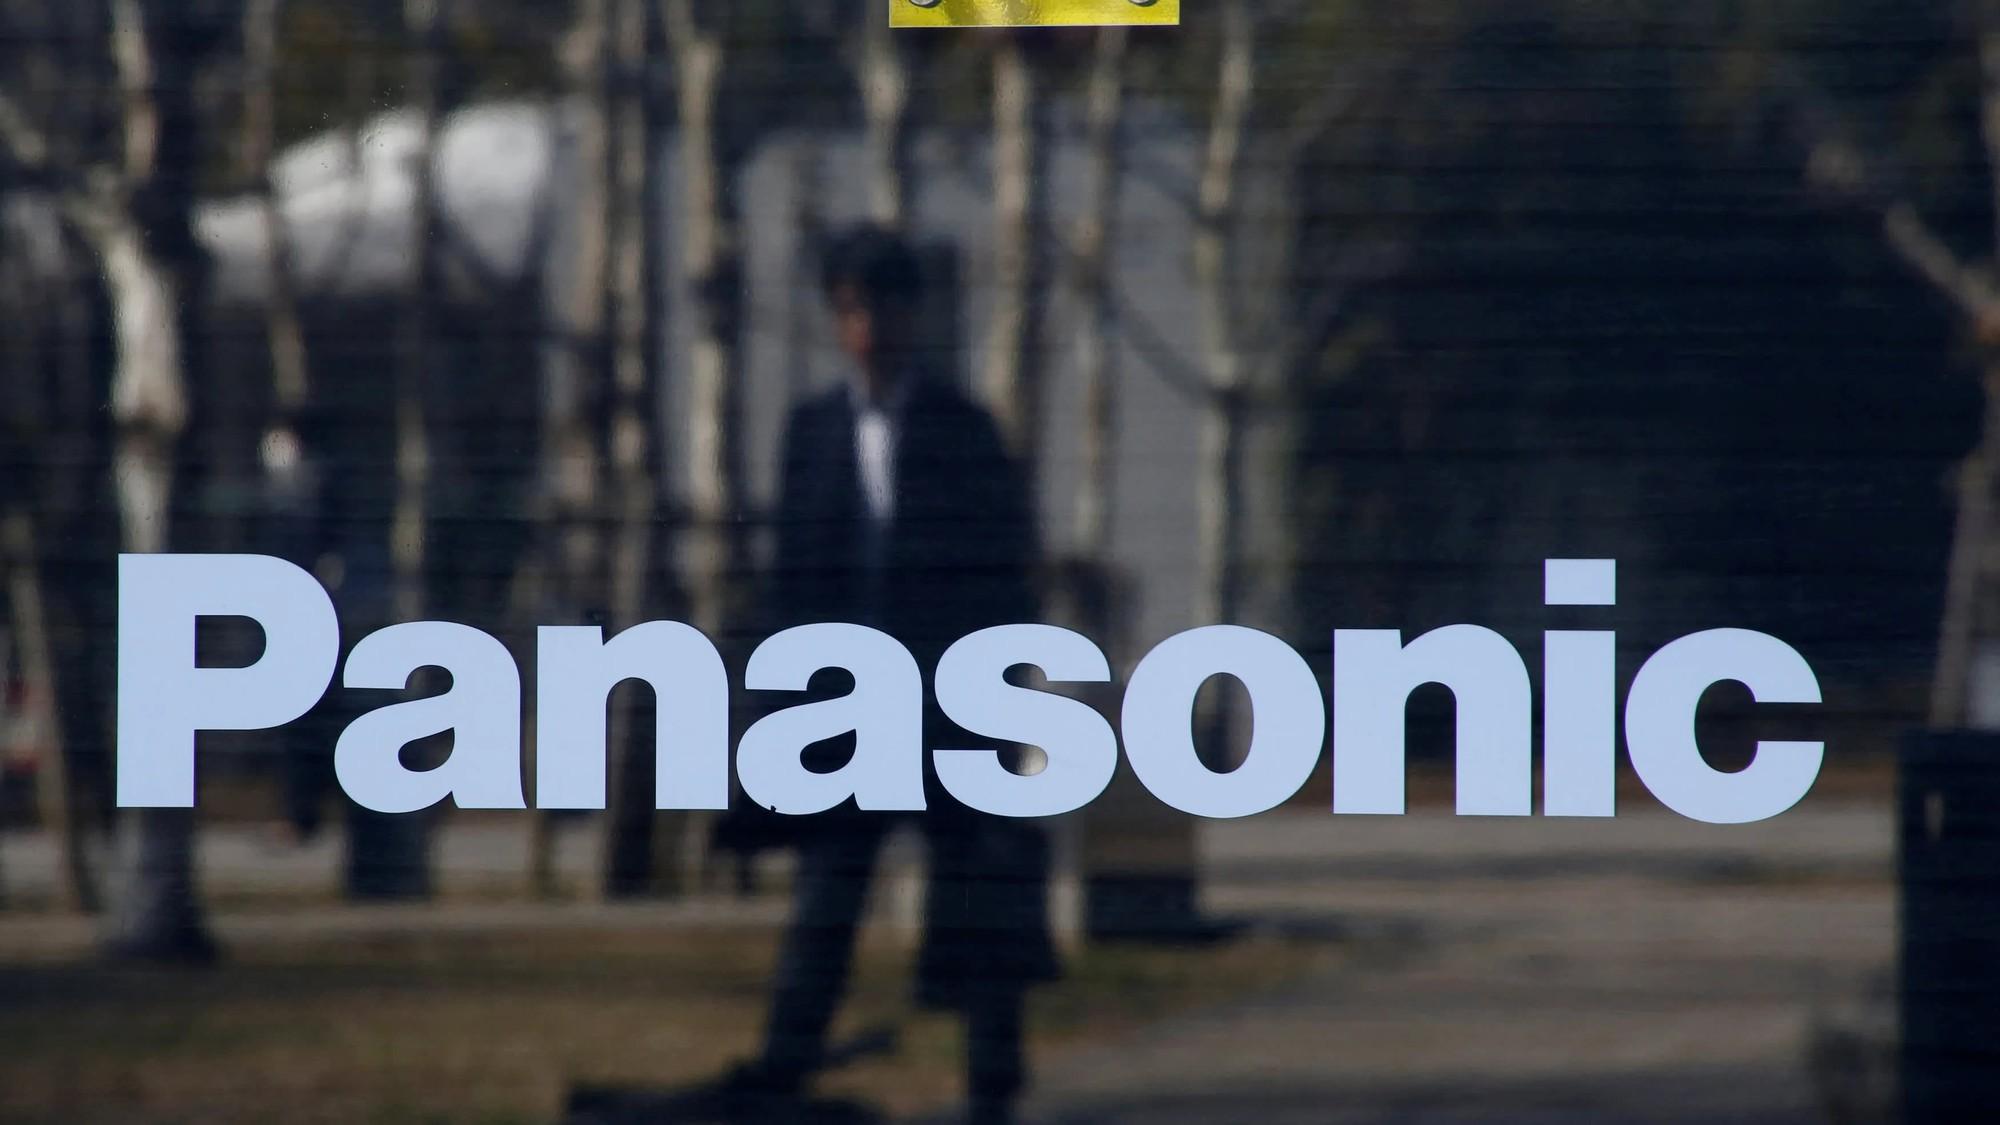 Đến lượt Panasonic hạn chế cung cấp linh kiện cho Huawei - Ảnh 1.